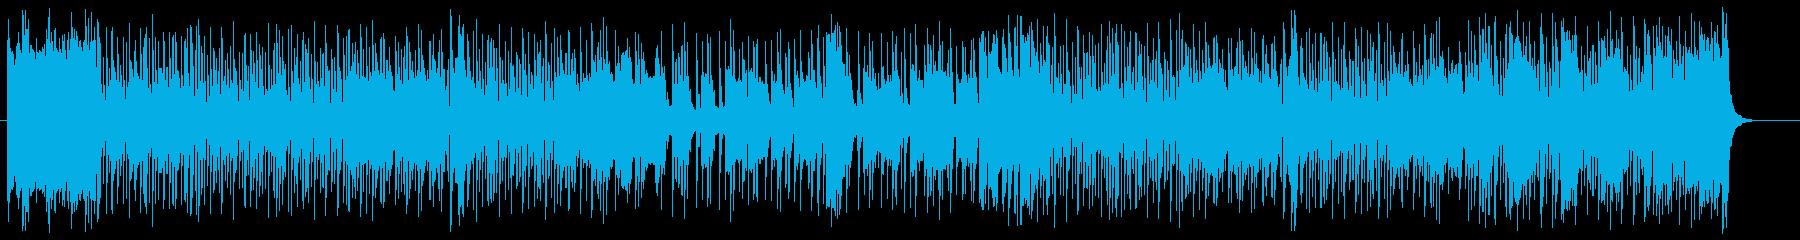 軽快で元気で明るいシンセポップスの再生済みの波形